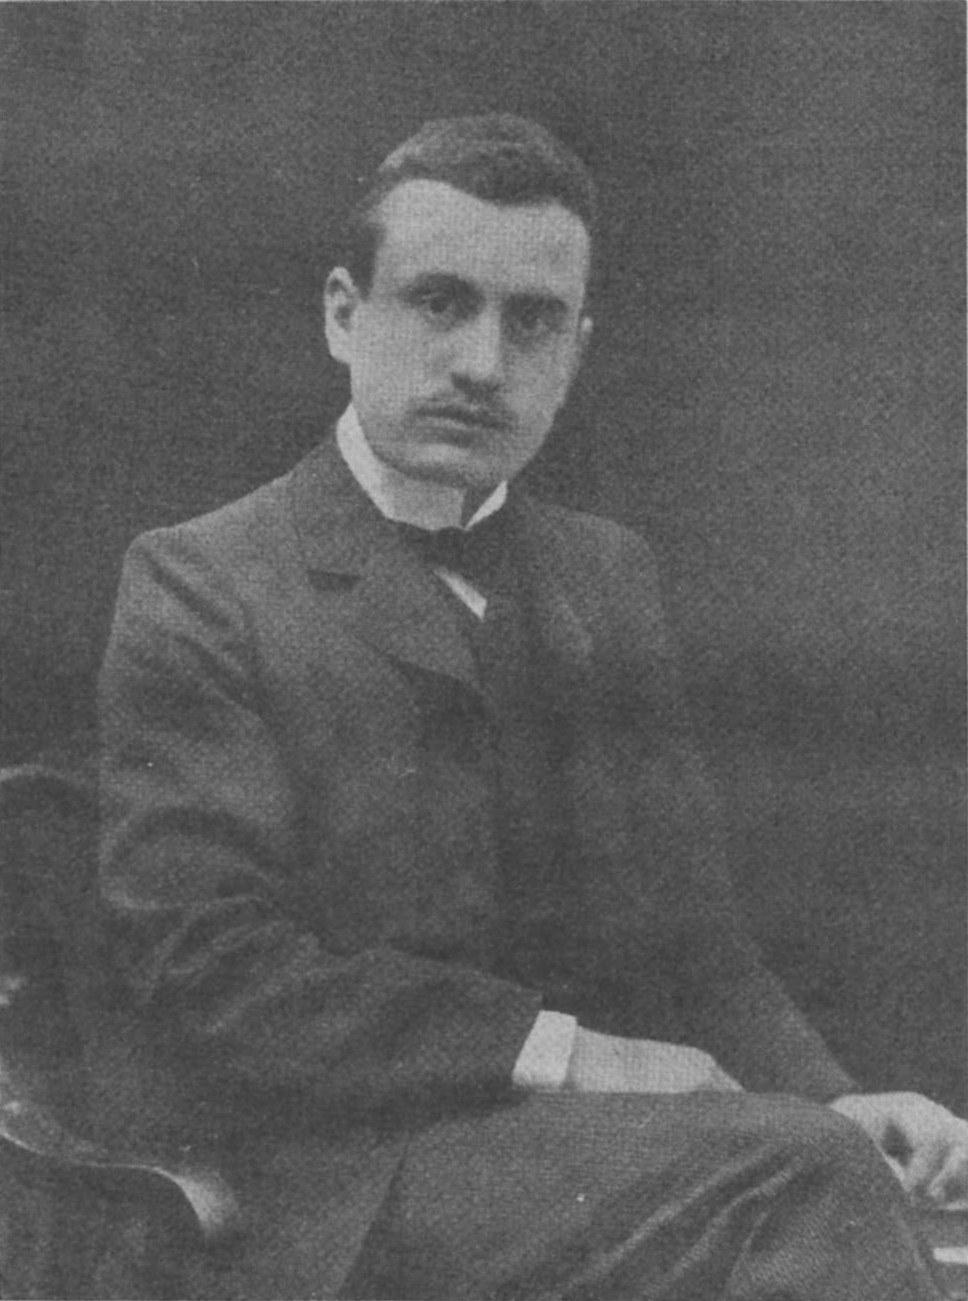 fidel castro and benito musilini